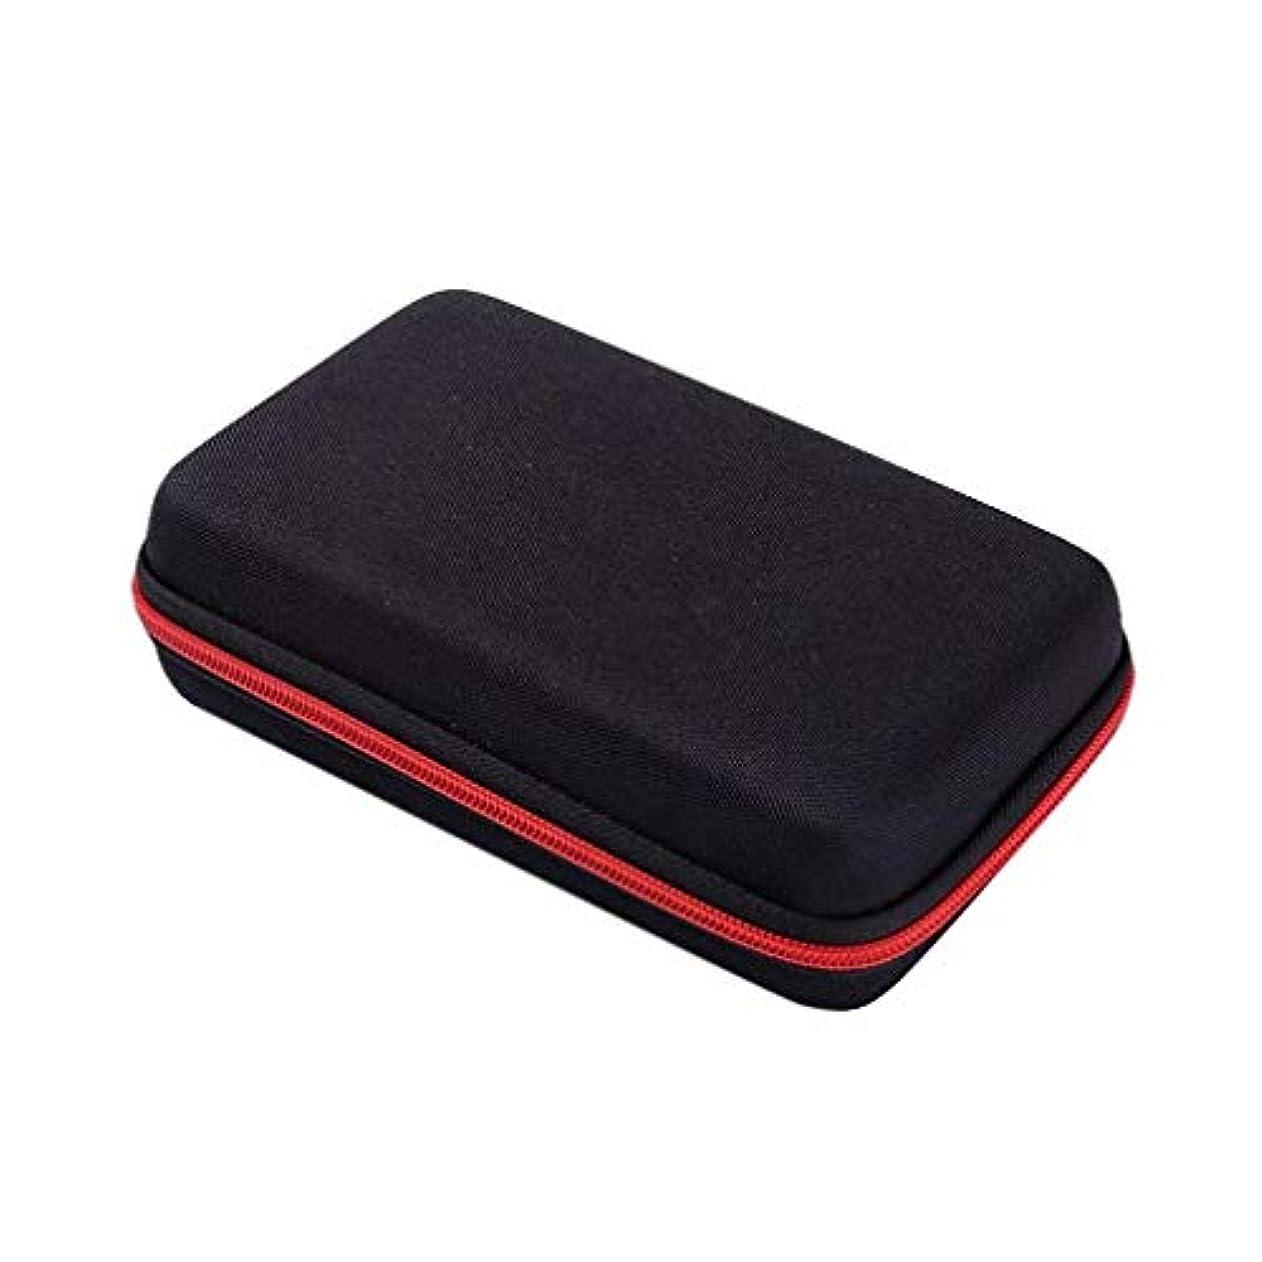 処理順番ルアーフィリップスブレードトラベルボックスポータブルカバーケースバッグおしゃれなシンプルな落下防止のための圧縮耐性で高度にタフ